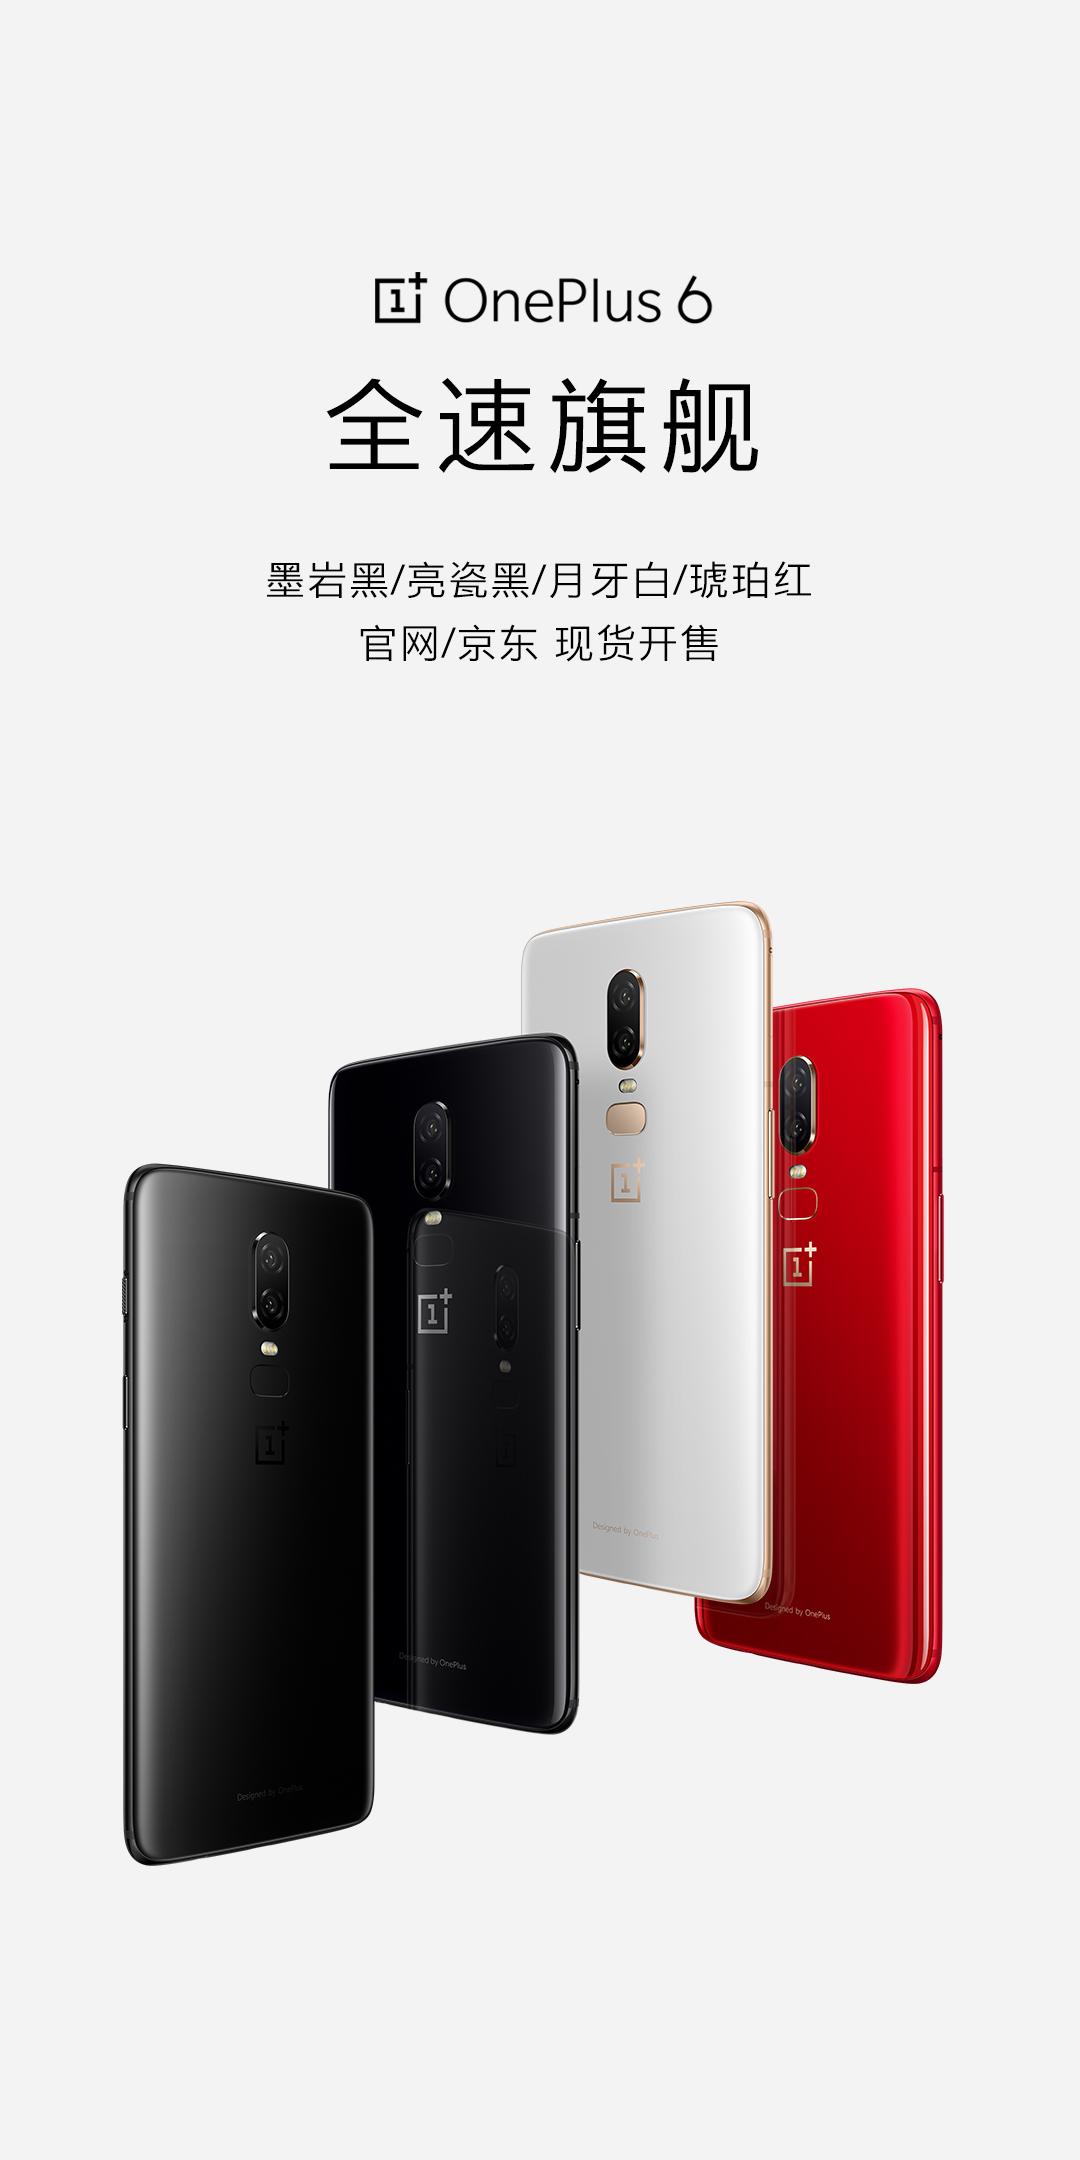 四个手机-社区-1080-2160.jpg